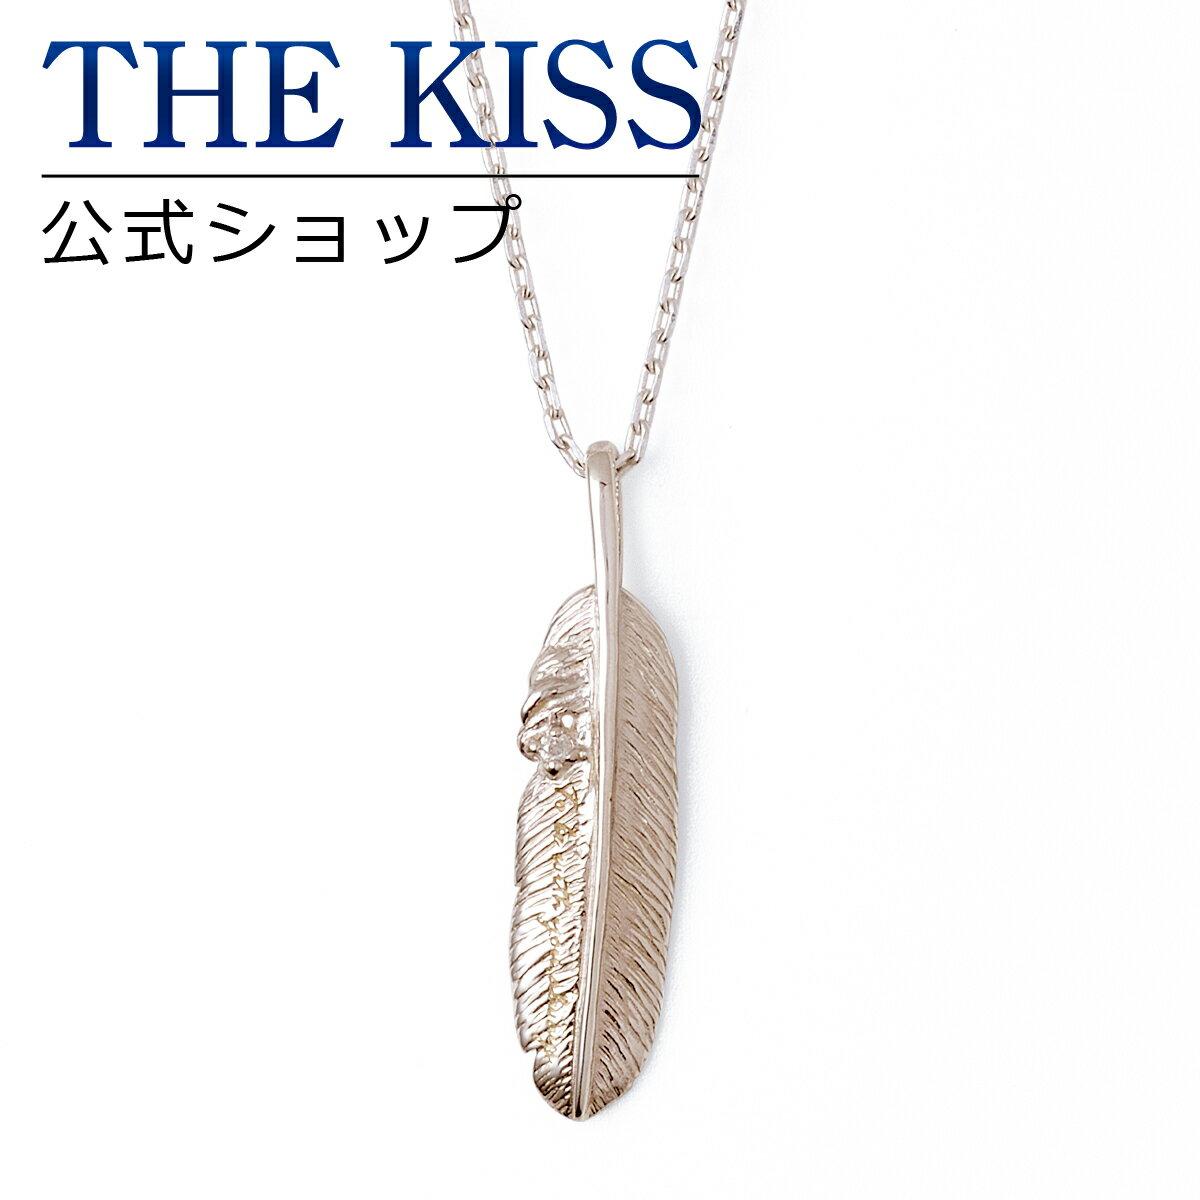 【あす楽対応】THE KISS 公式サイト シルバー ペアネックレス (レディース 単品) ペアアクセサリー カップル に 人気 の ジュエリーブランド THEKISS ペア ネックレス・ペンダント 記念日 プレゼント SPD7023DM ザキス 【送料無料】